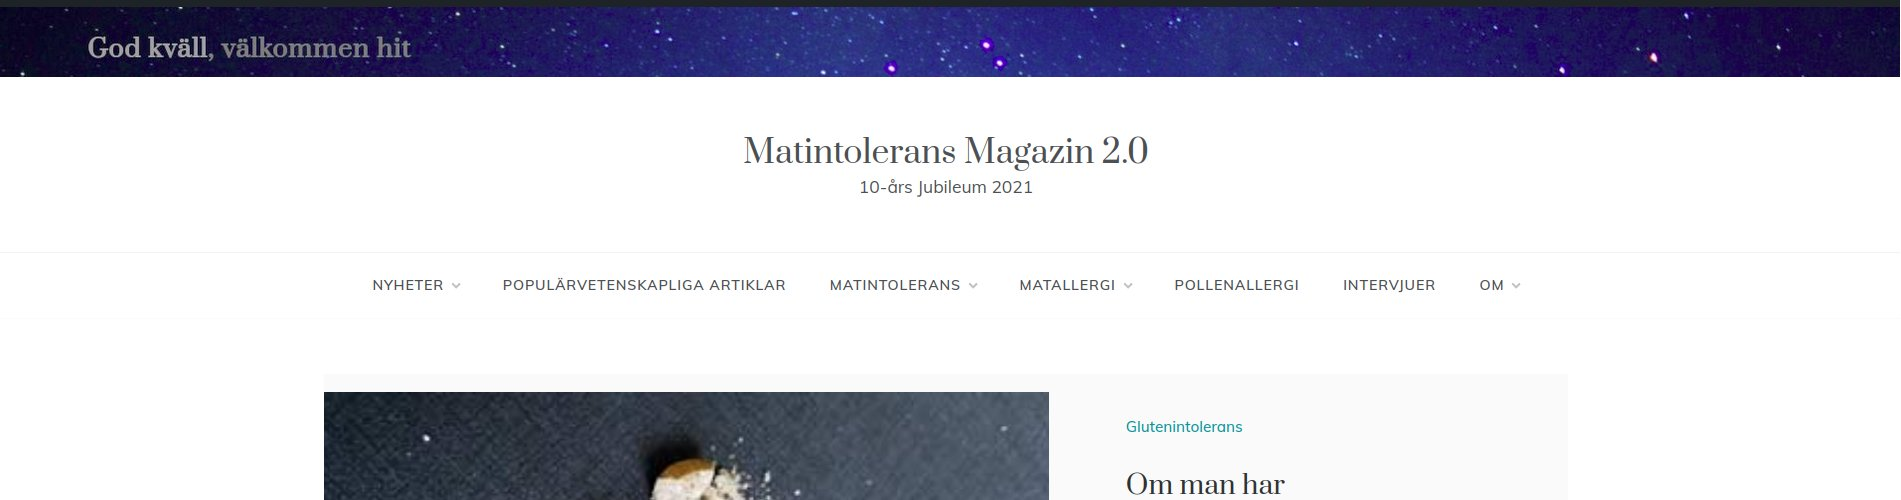 Nyhet: Matintolerans Magazin 10-års jubileum